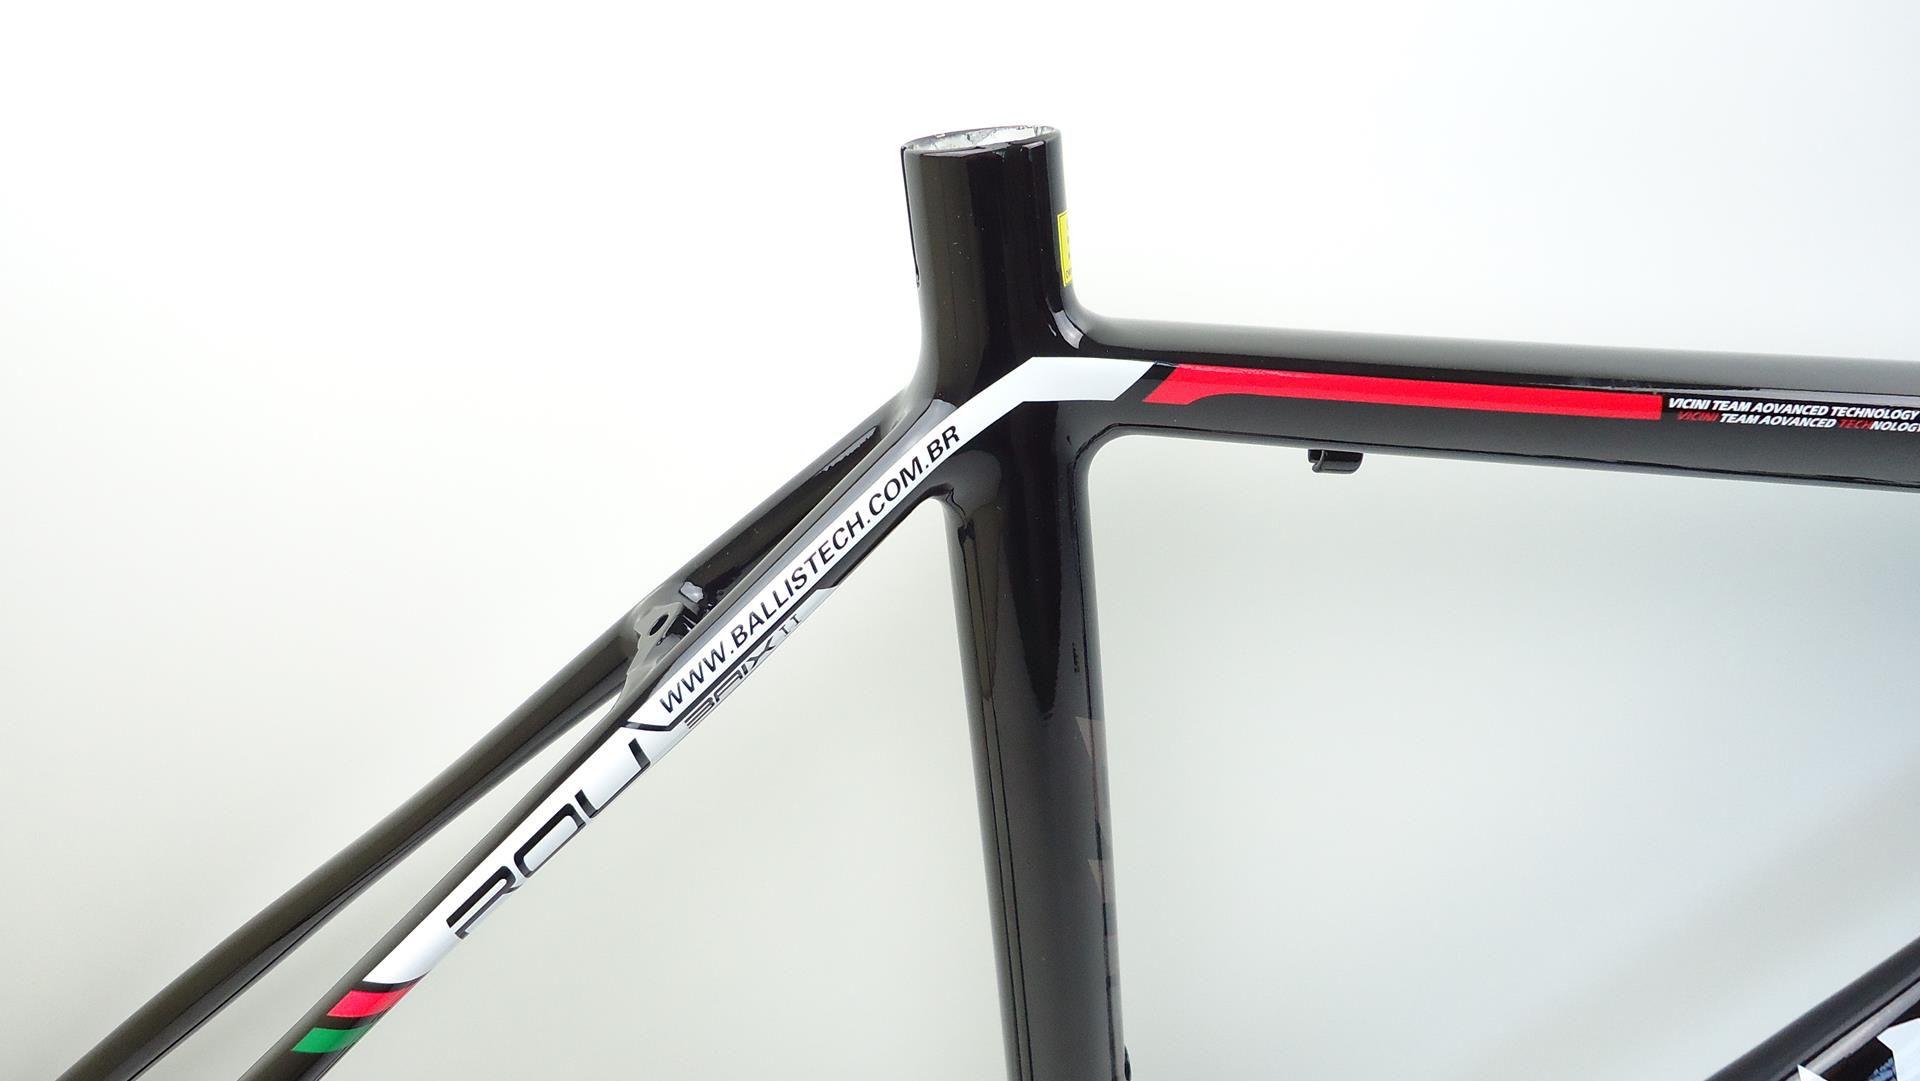 Quadro Bicicleta Speed Ballistech Roubaix em Aluminio Garfo Carbono Aro 700